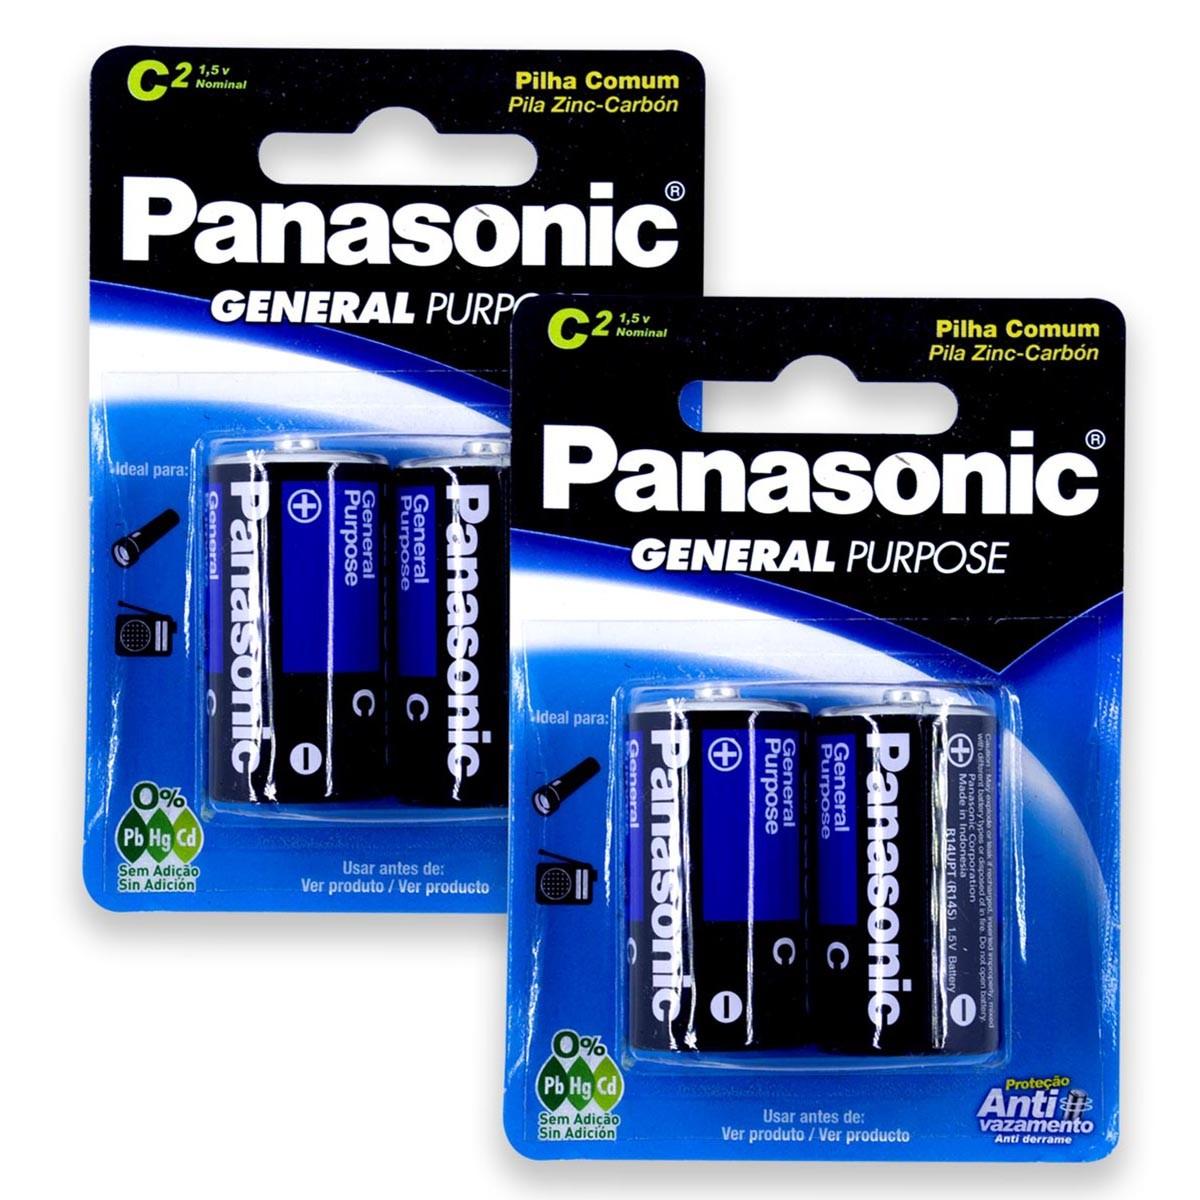 04 Pilhas C Zinco Carvão PANASONIC 2 cartelas